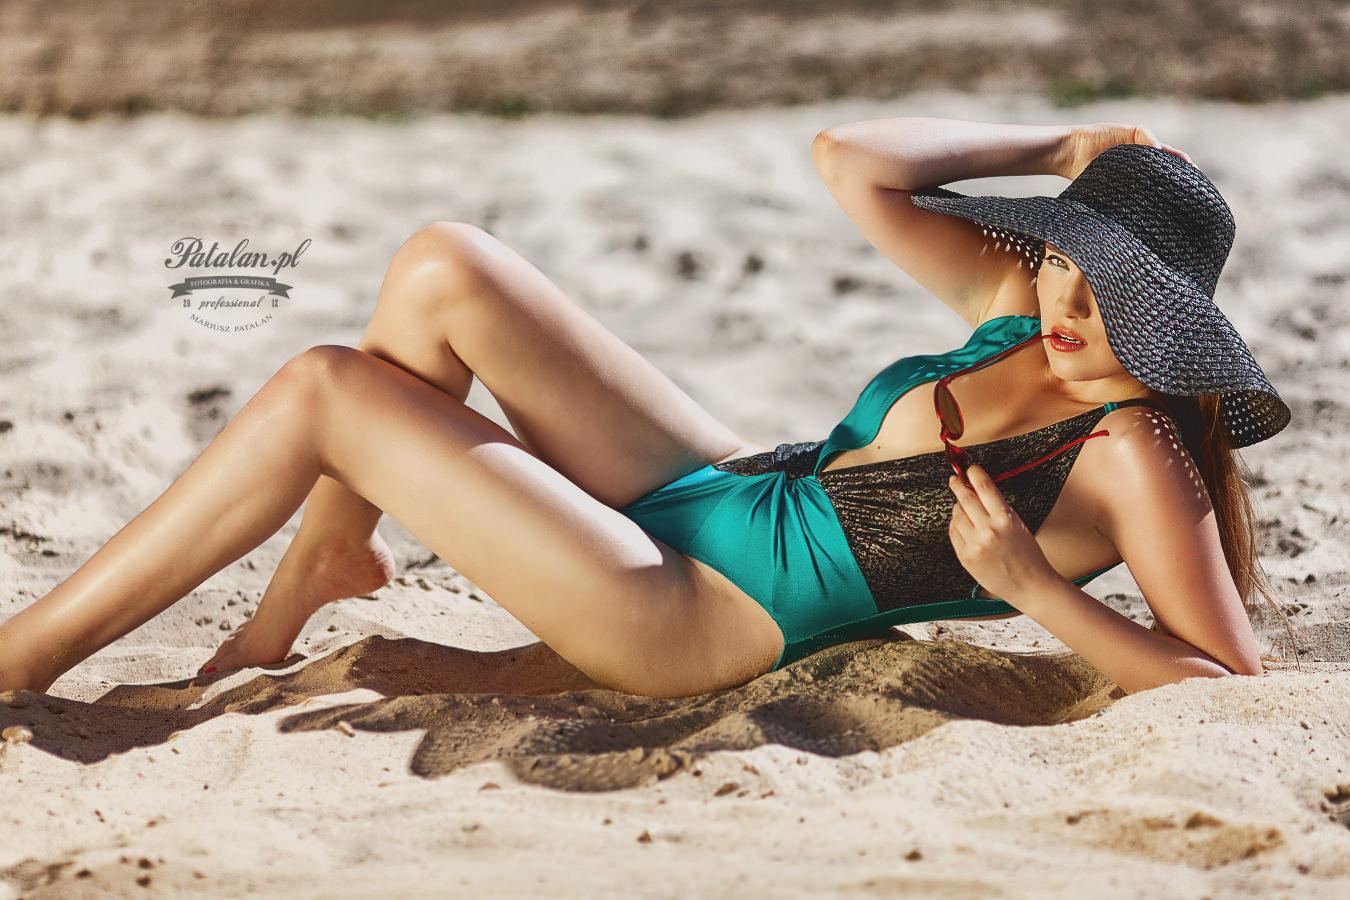 modelka w kapeluszu, strój kąpielowy z lat 20, modelka na plaży, oświetlenie w plenerze, strój kąpielowy,   seksowna modelka na plaży, złota blenda na sesji zdjęciowej, zdjęcia na piasku modelka, strój kąpielowy   modelka